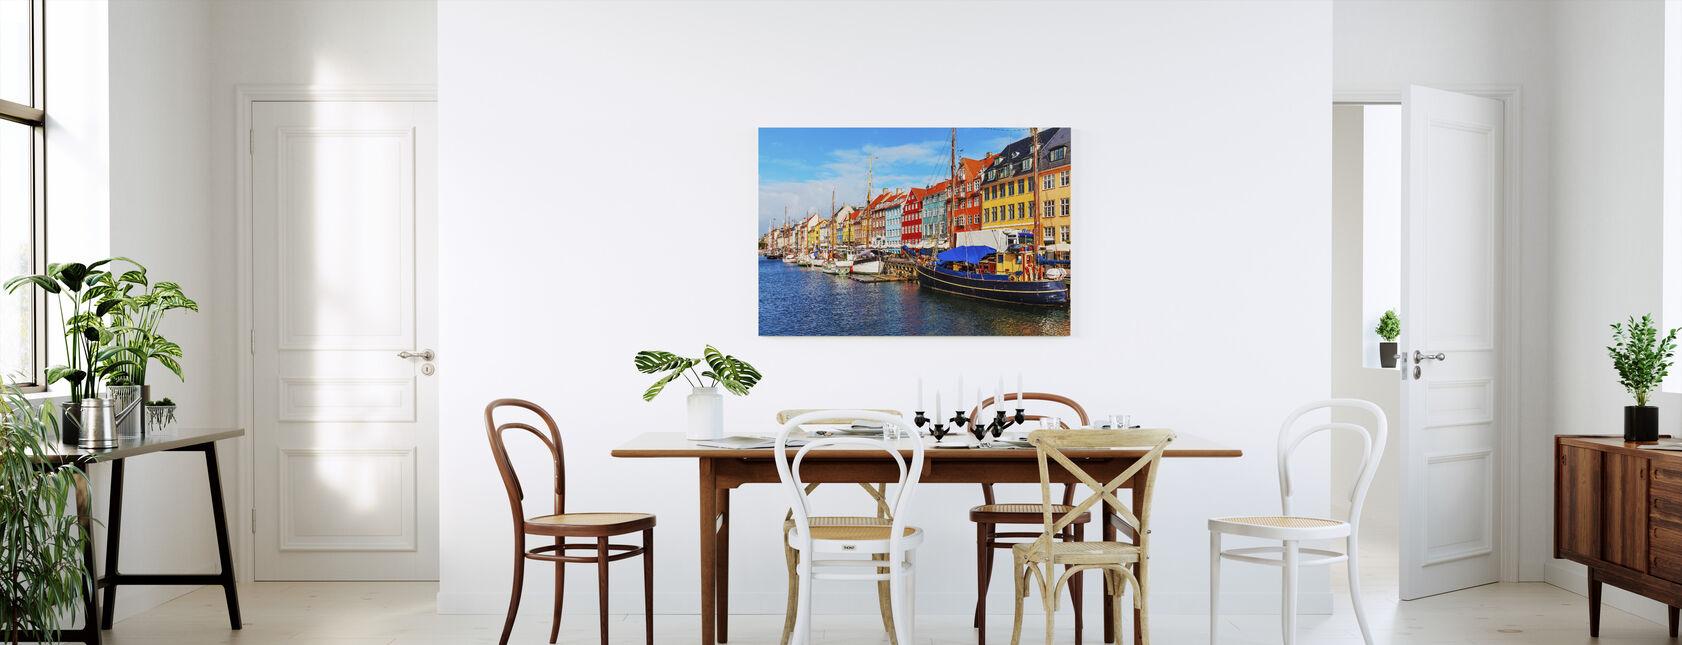 Sommerudsigt over Nyhavn molen - Billede på lærred - Køkken